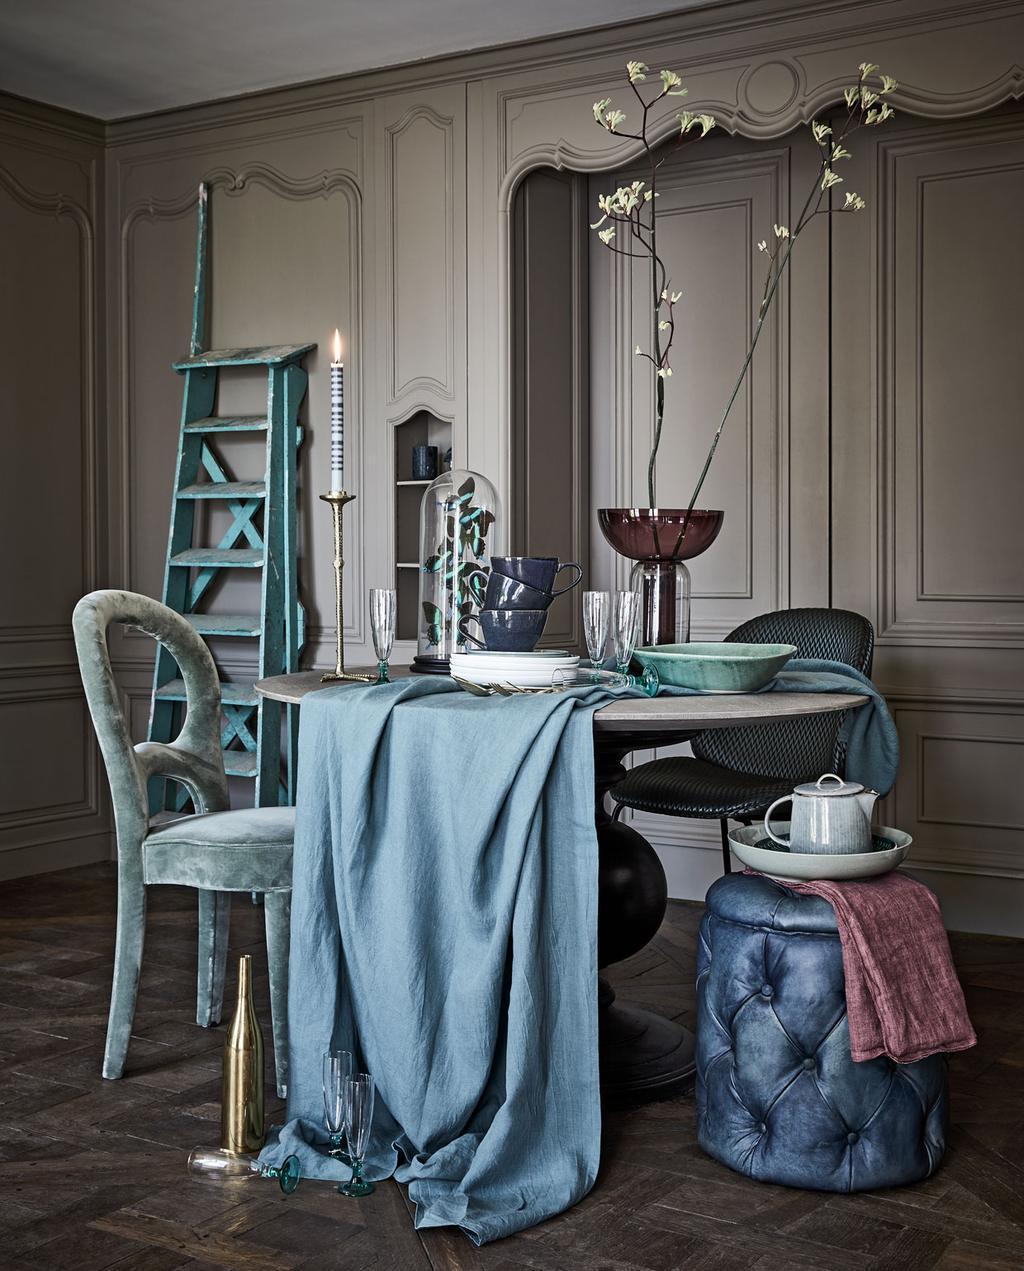 vtdéco - inspiration 2020 - table ronde tissu bleu